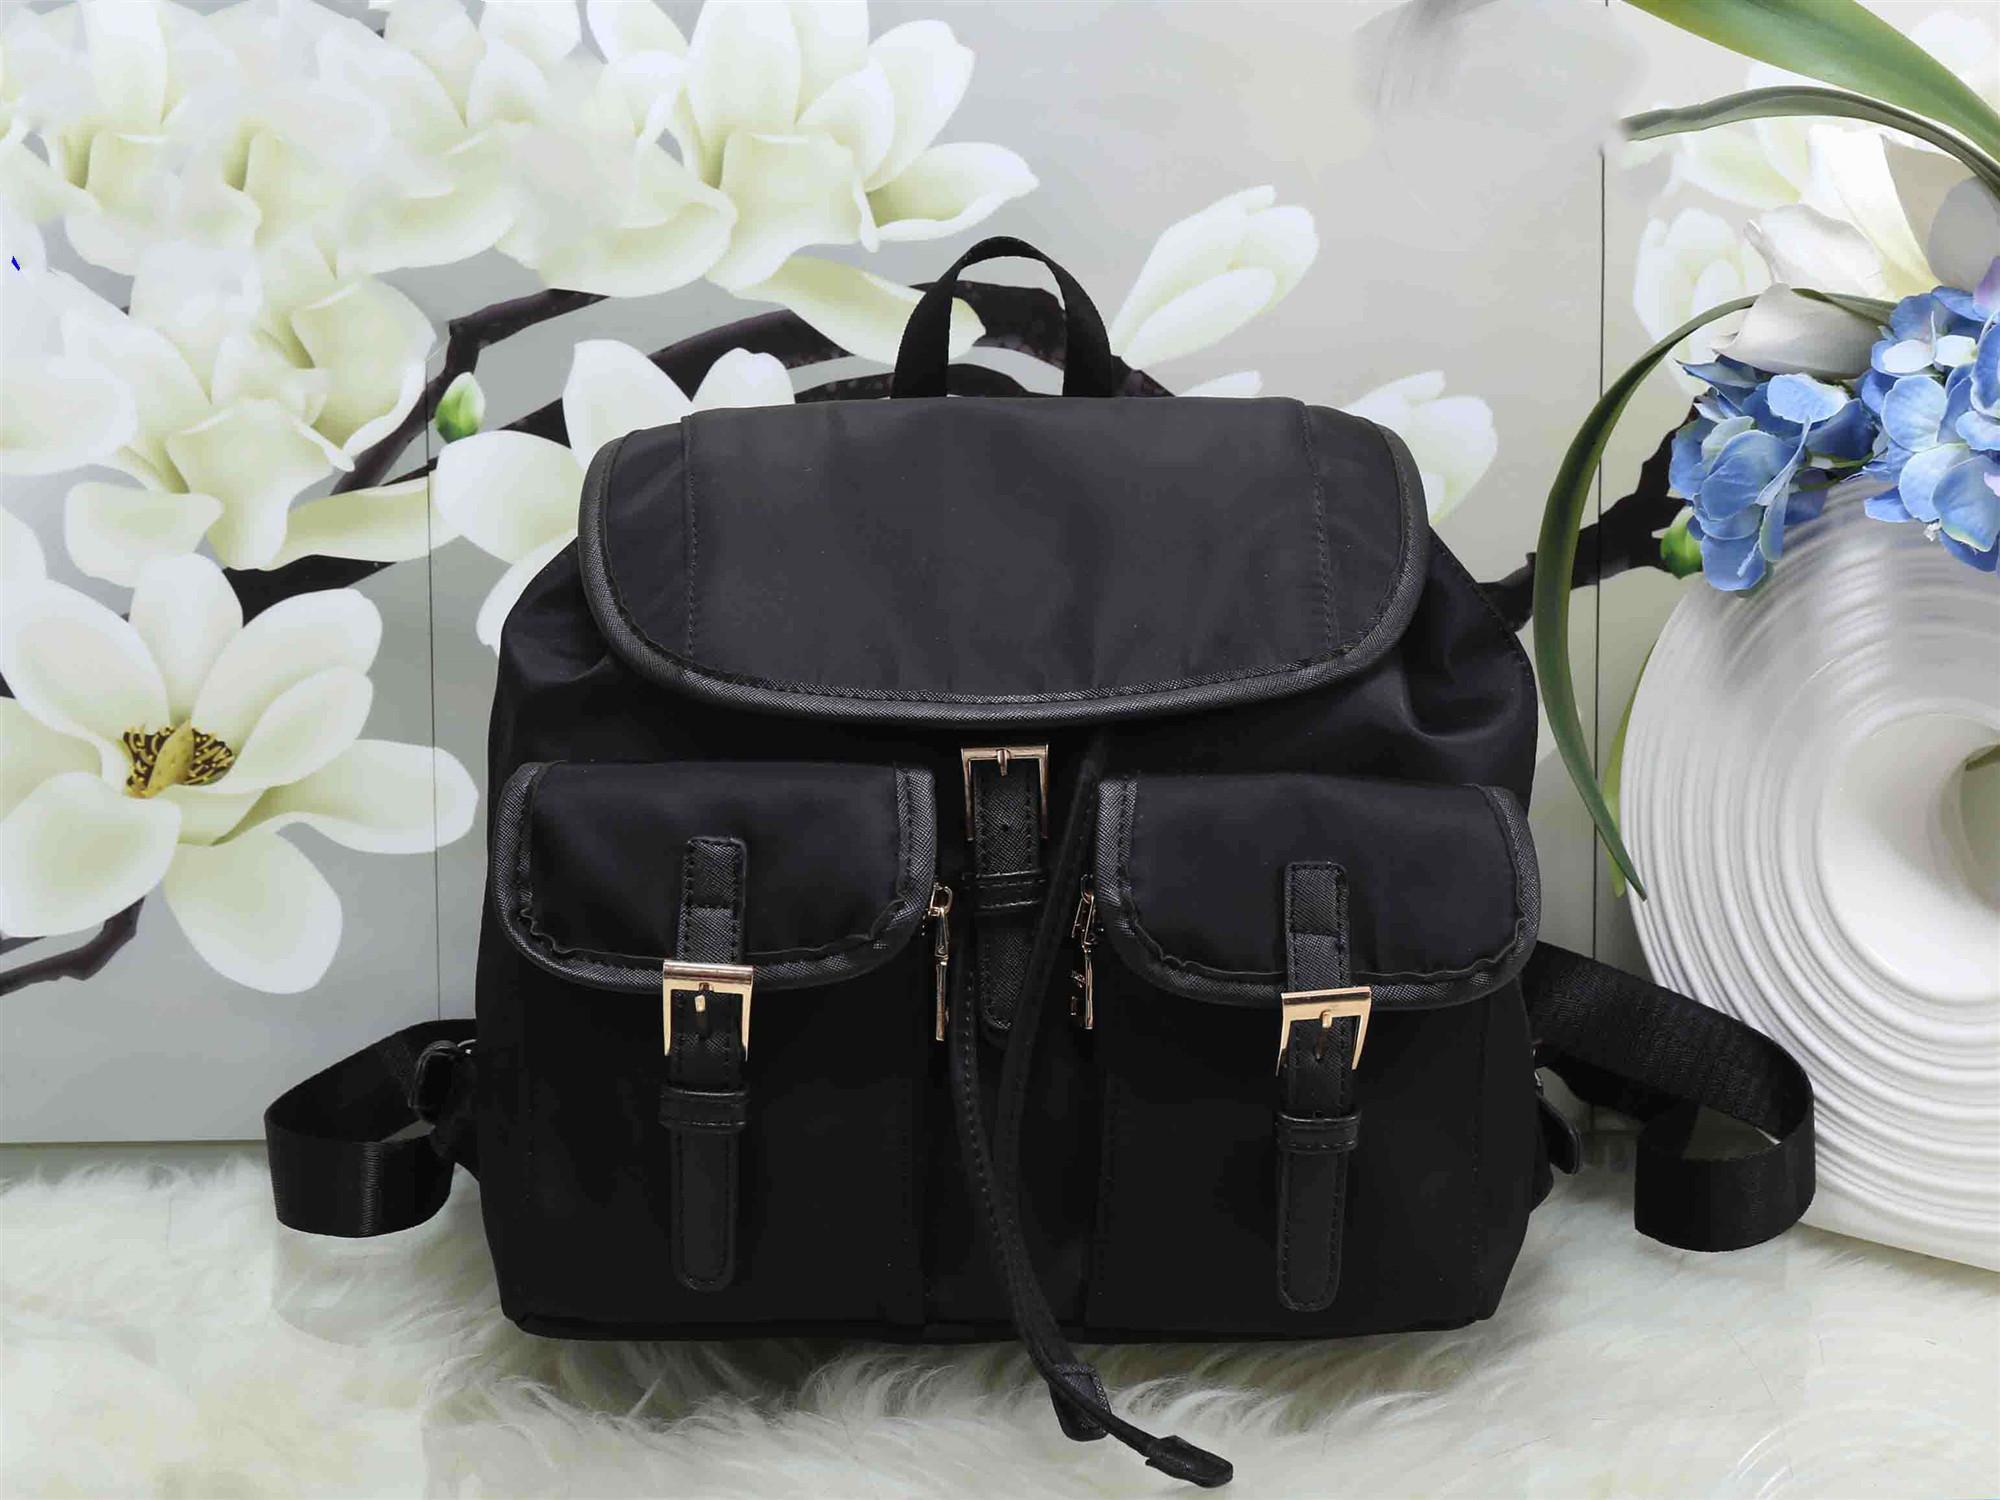 2020 Yepyeni sırt çantası paraşüt su geçirmez naylon kanvas sırt çantası eğlence seyahat kadınların sırt çantası okul çantası ücretsiz gönderim